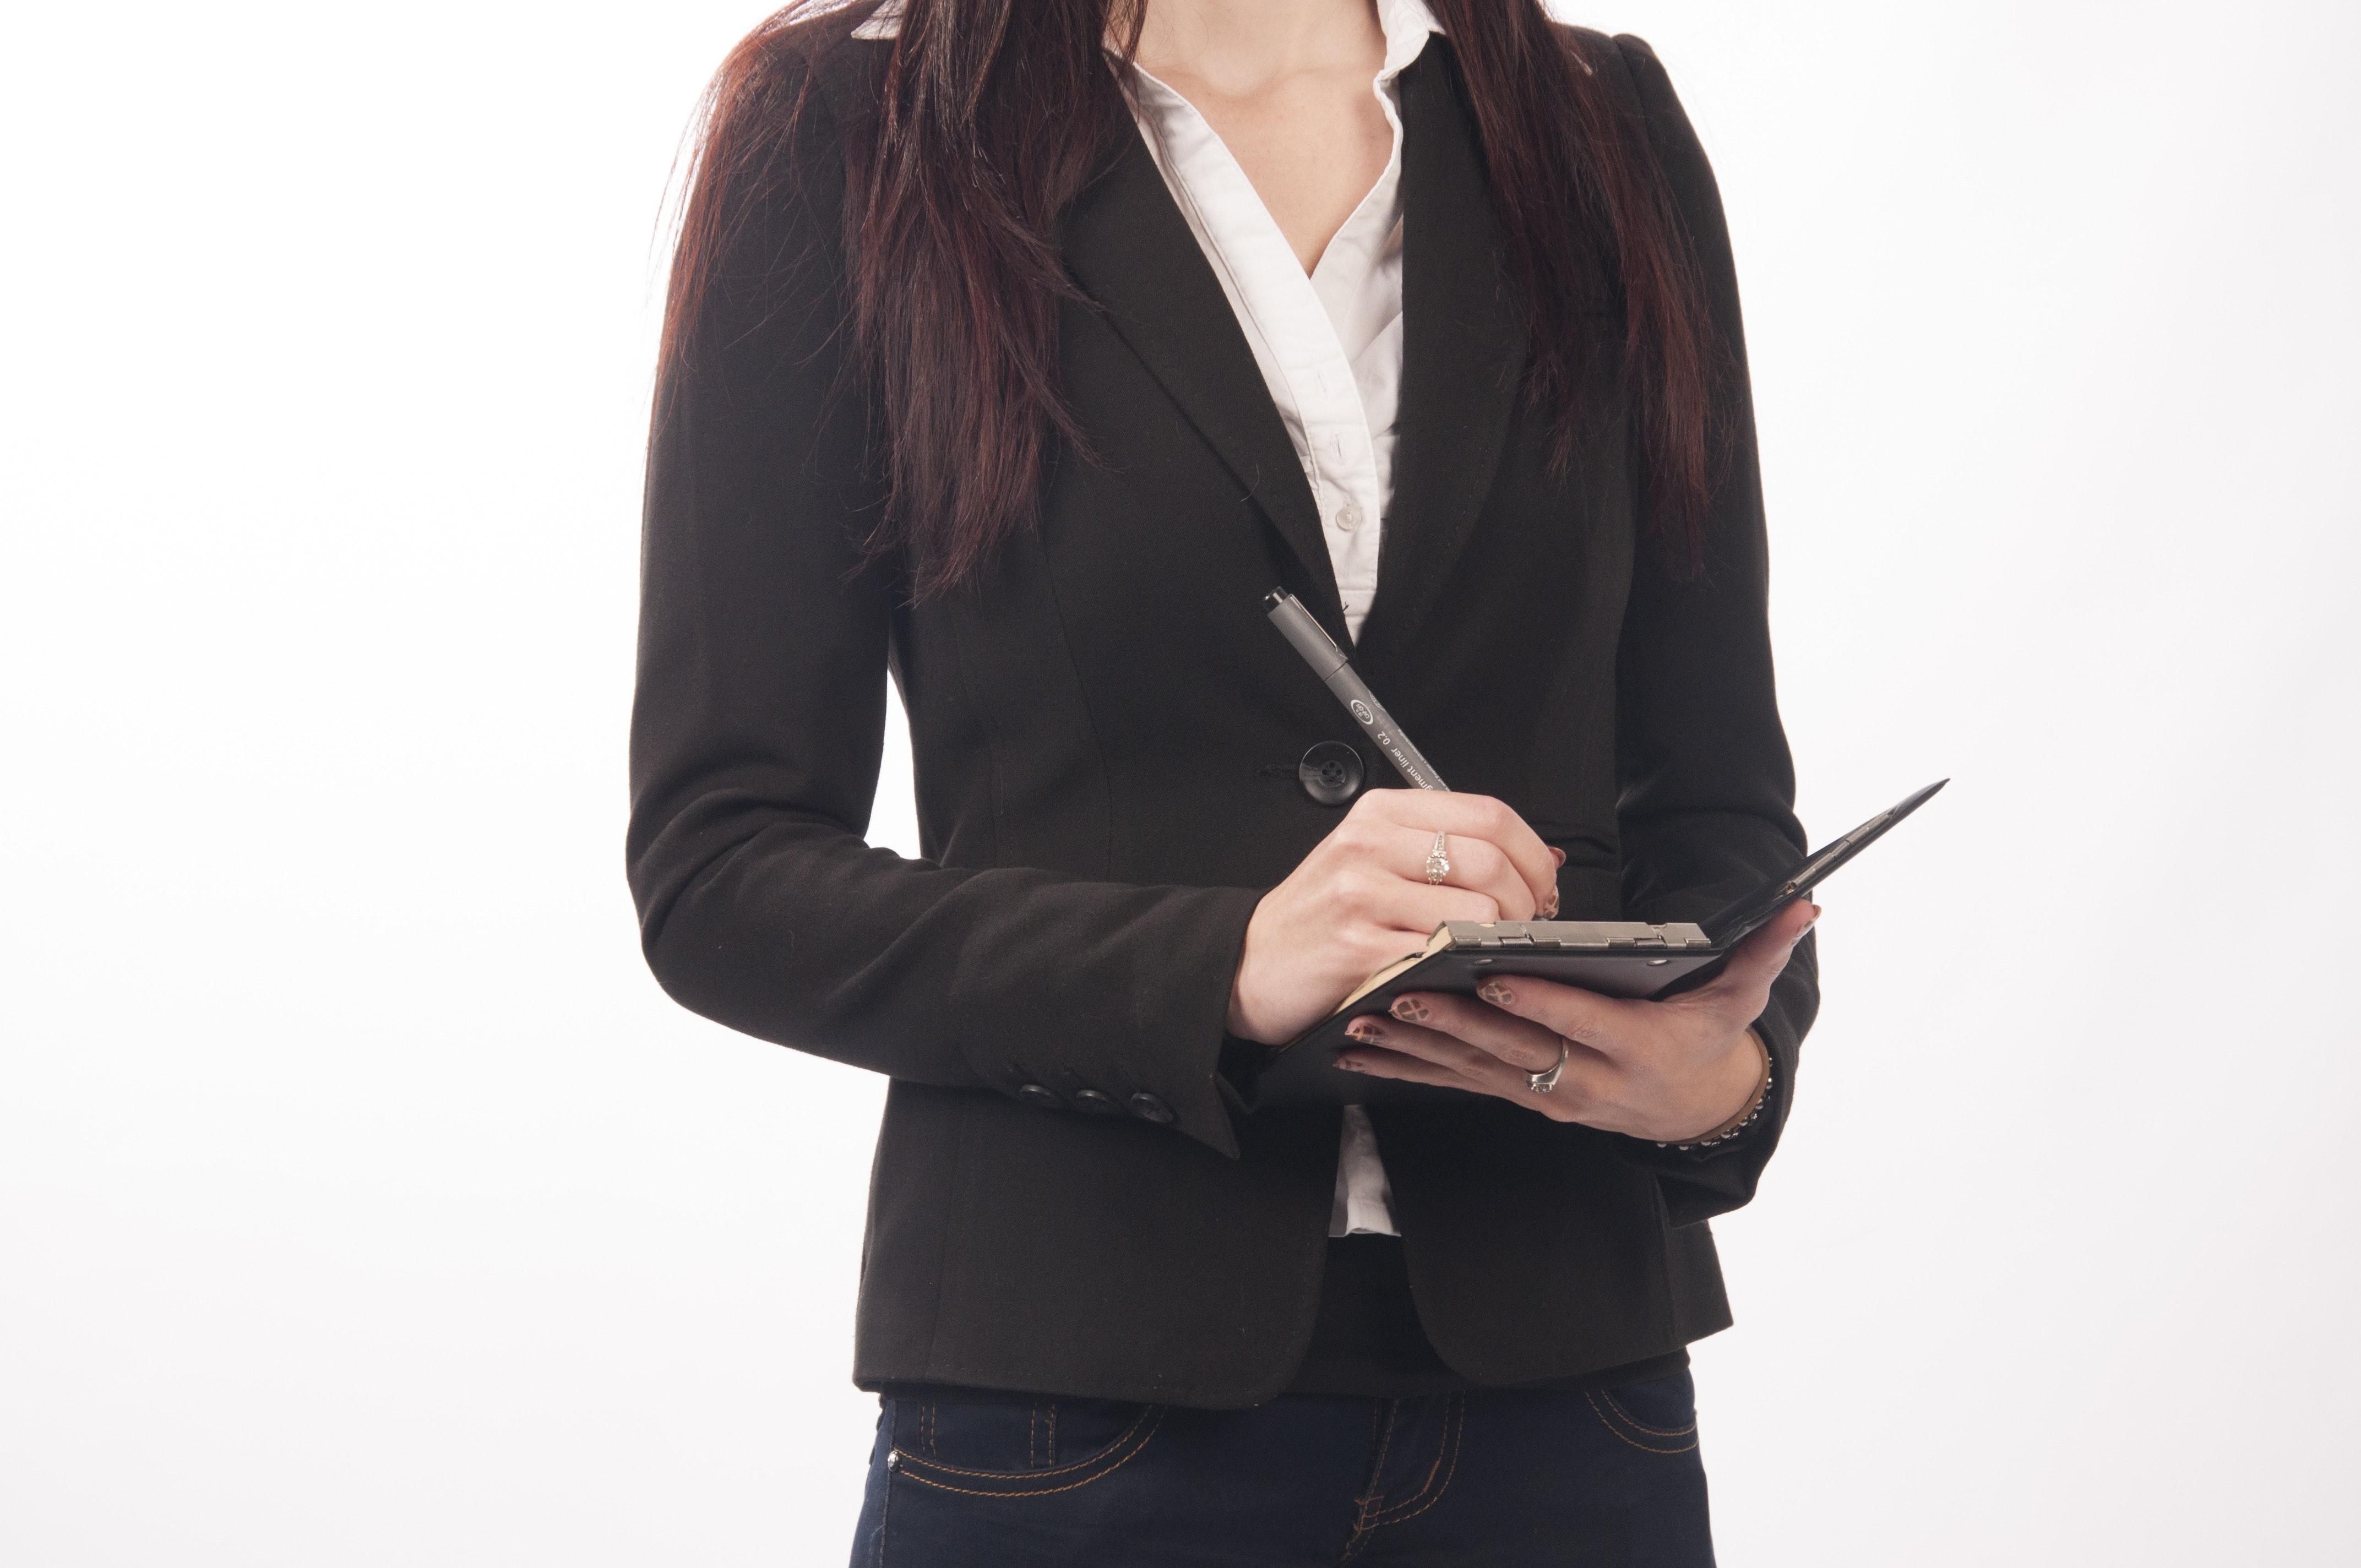 descubra-se-sua-secretaria-ajuda-ou-atrapalha